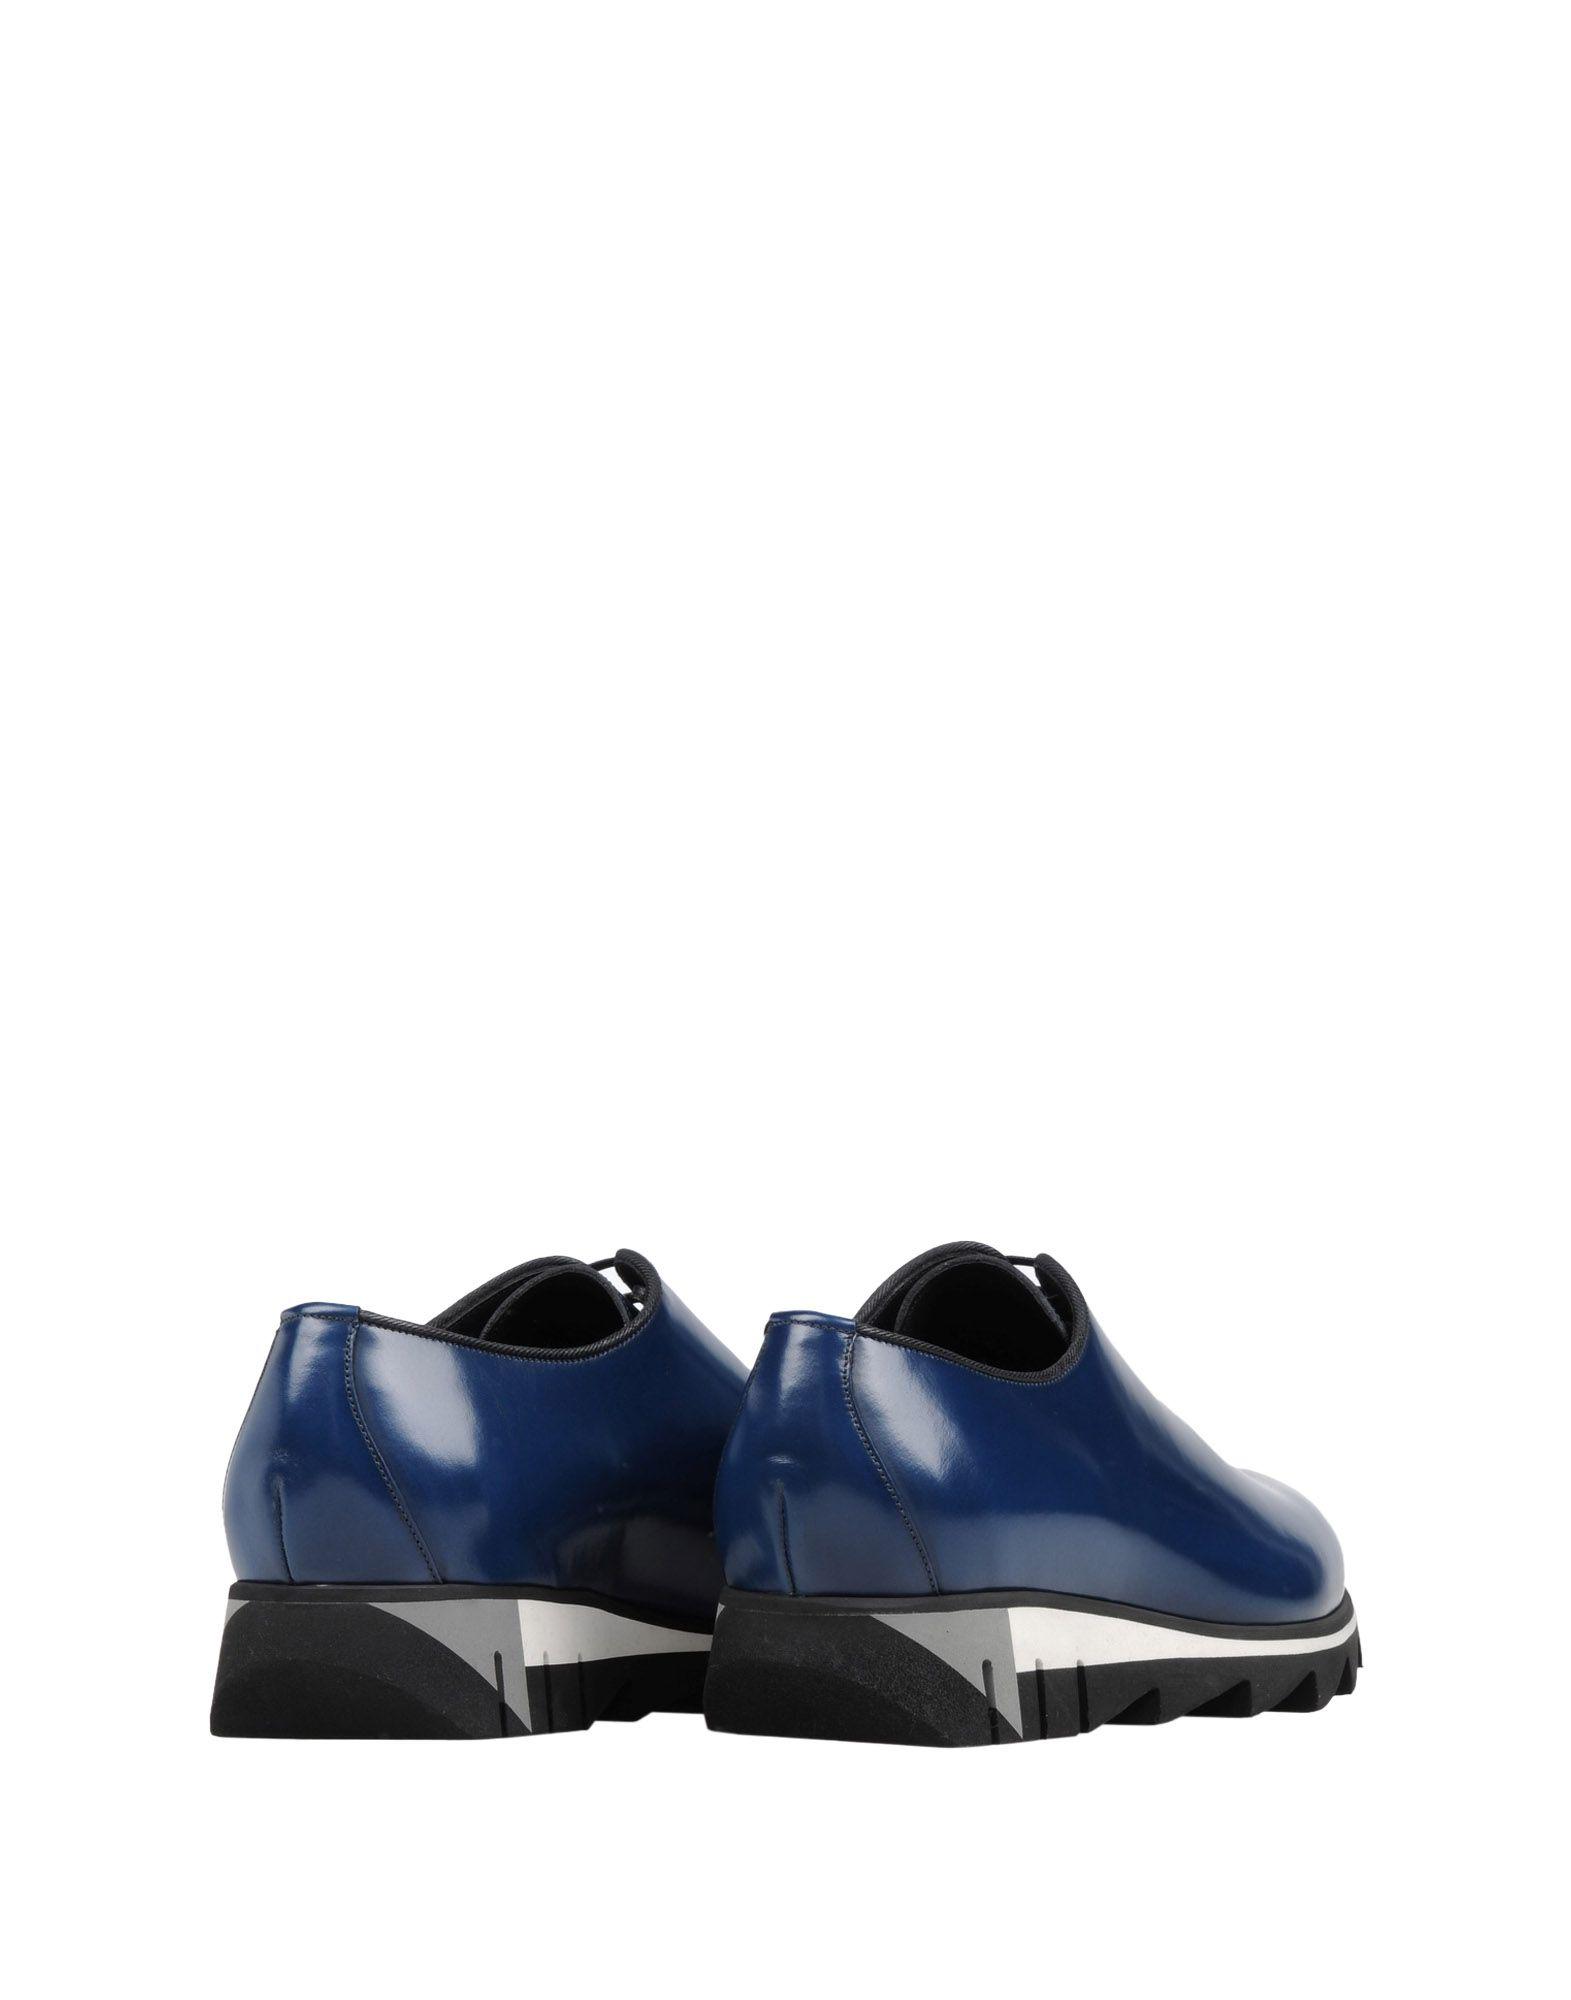 Dolce & Gabbana Schnürschuhe Herren  Schuhe 11466552FP Gute Qualität beliebte Schuhe  ac53d0